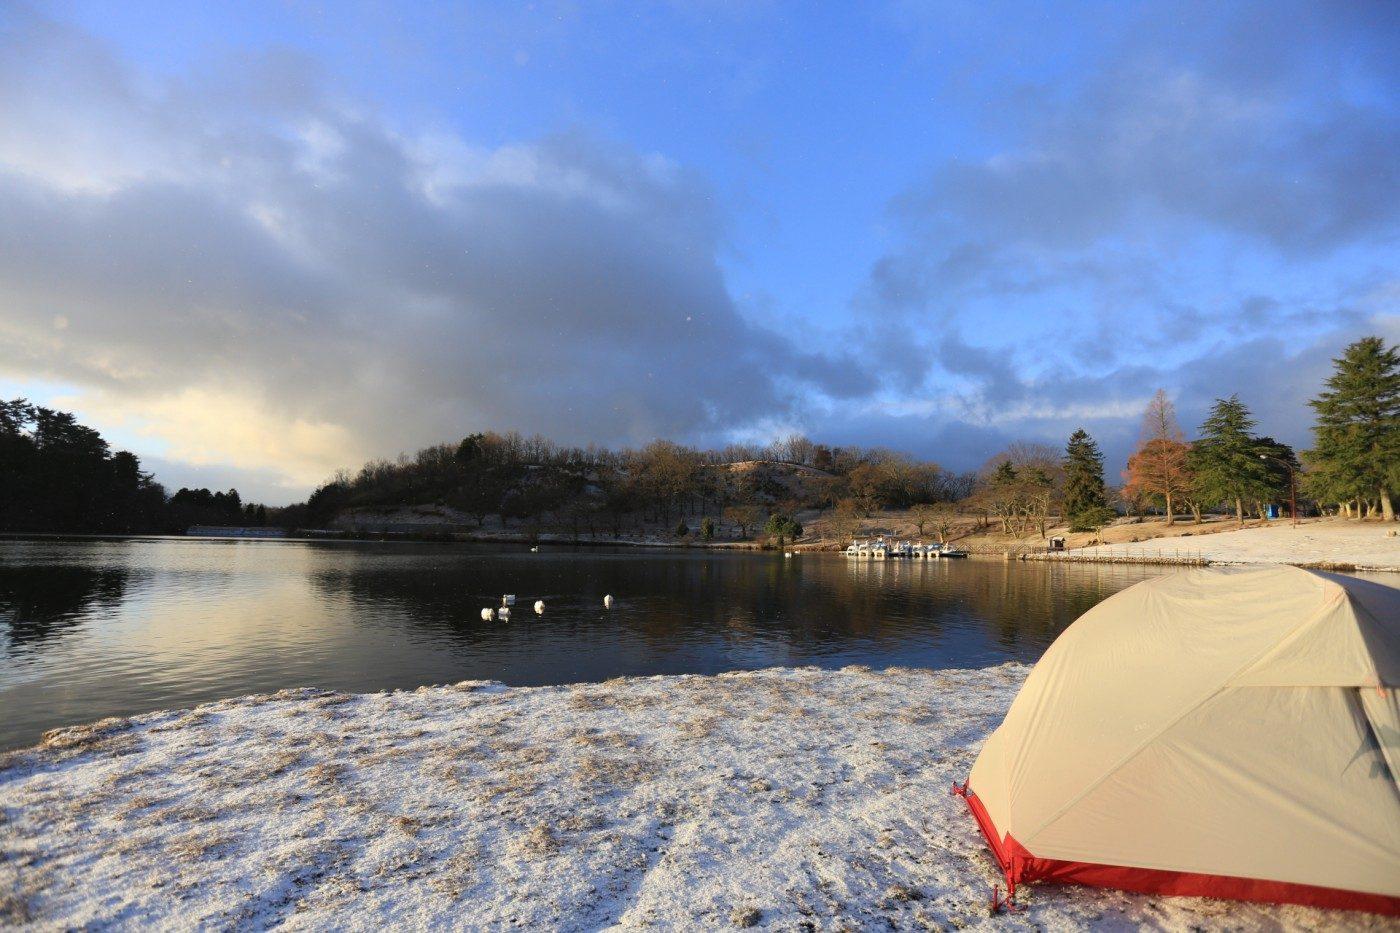 いつキャンプをしに行きますか?